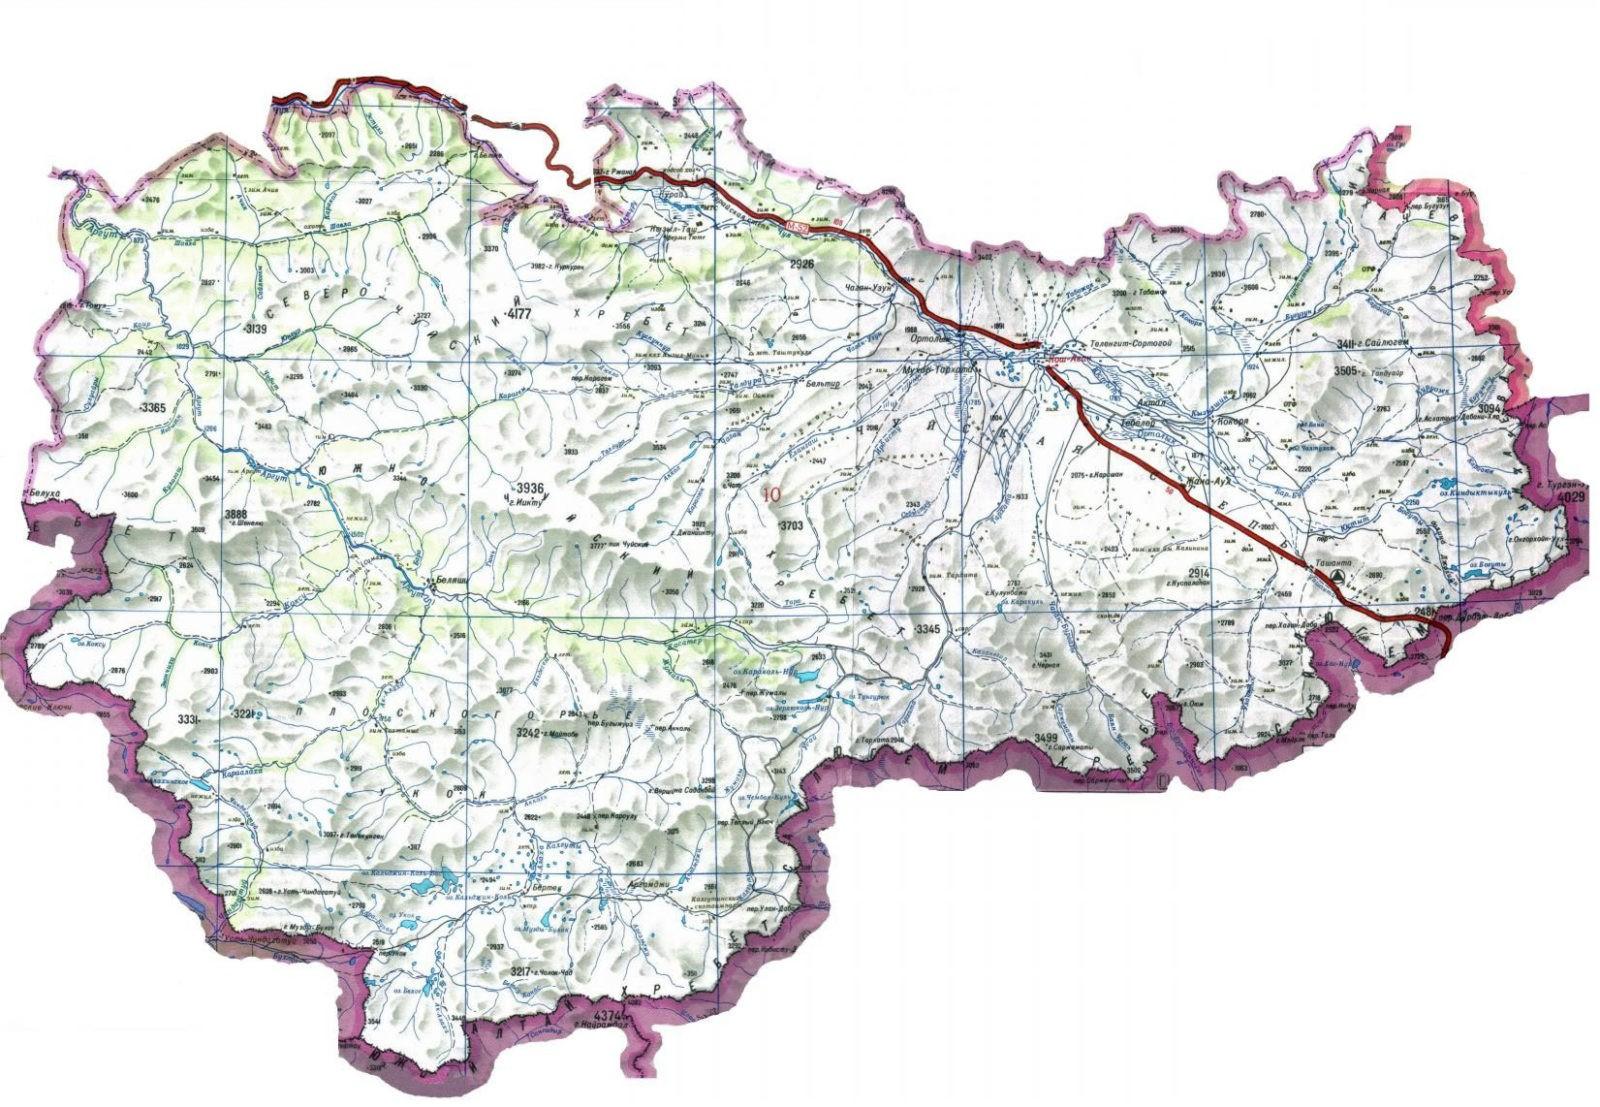 Карта Кош-Агачского района Республики Алтай. Источник: электронный ресурс: https://www.vtourisme.com/images/stories/my05/r4_koshagach.jpg Карта в свободном доступе, (дата обращения 13 сентября 2020 г.)